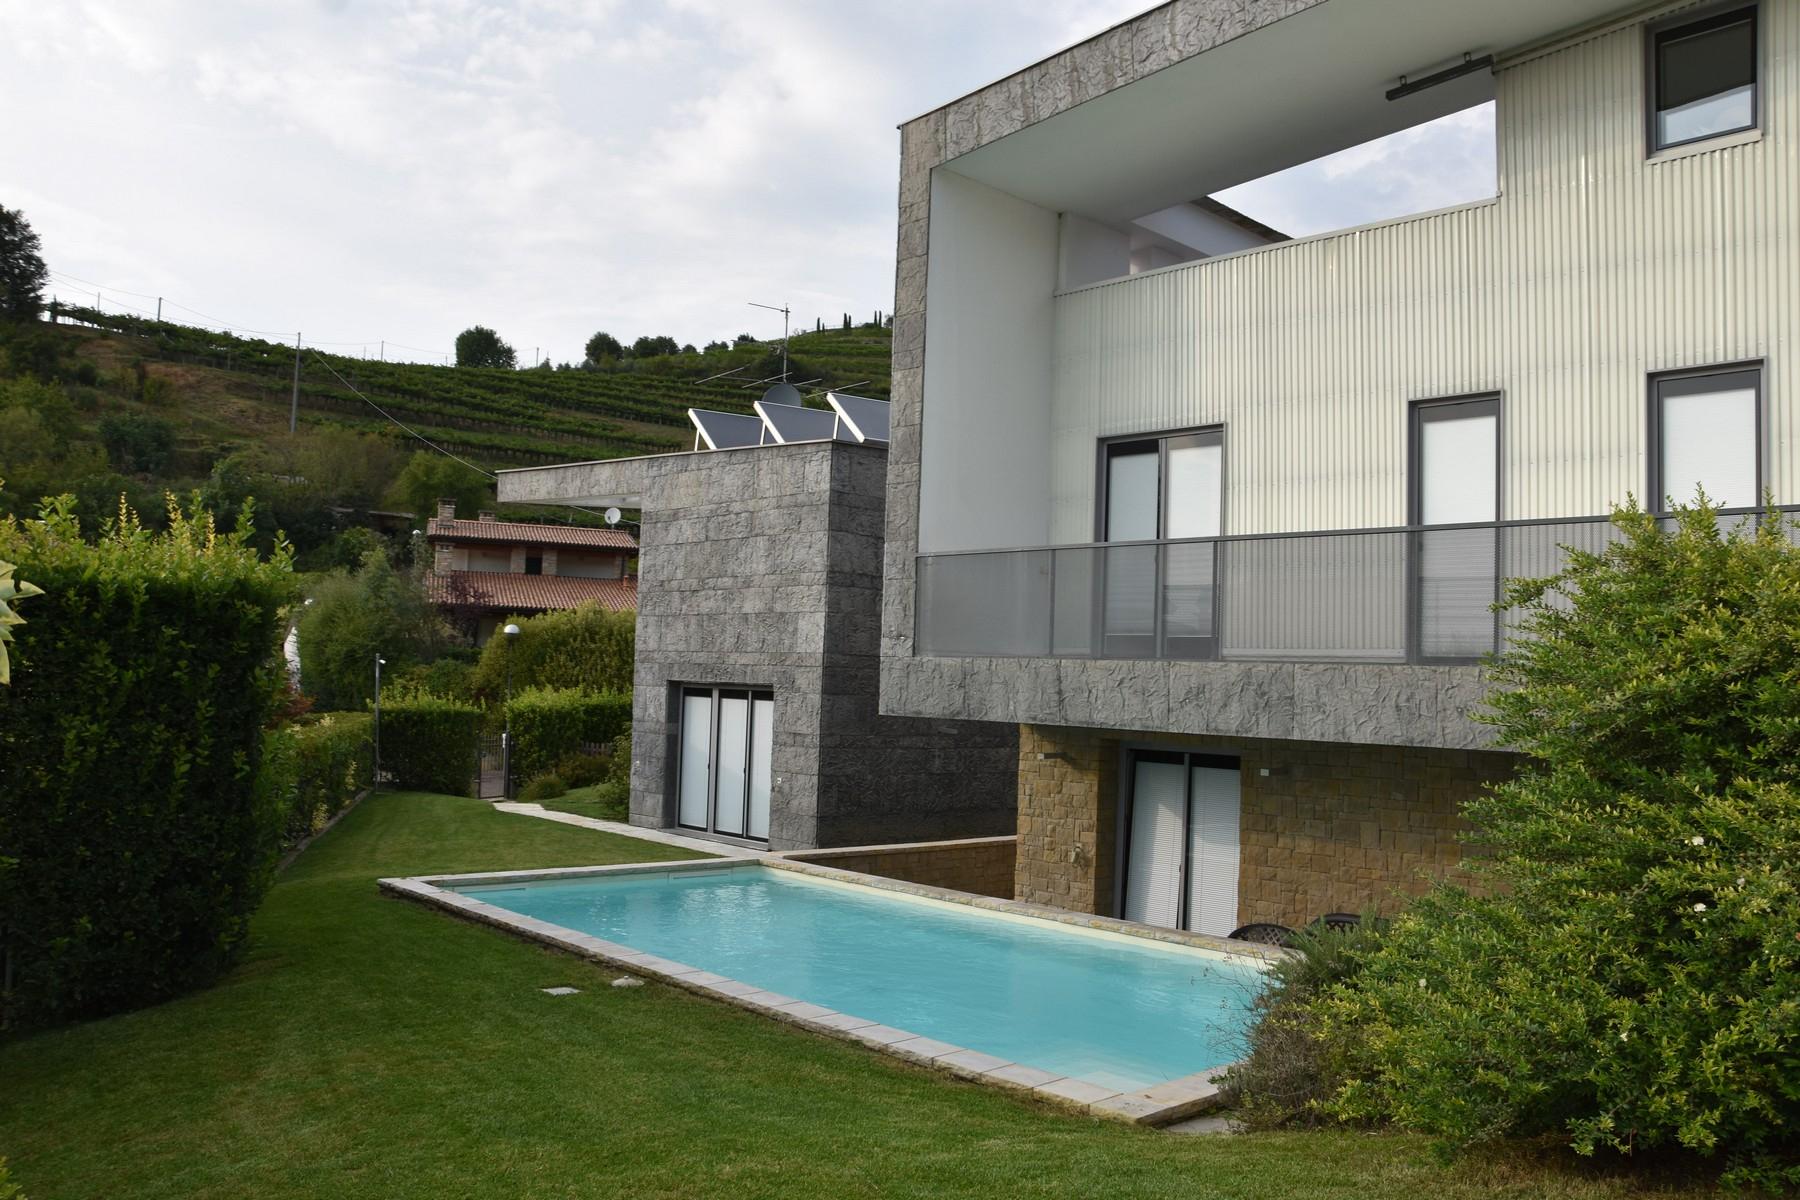 Villa in Vendita a Gussago: 5 locali, 618 mq - Foto 10